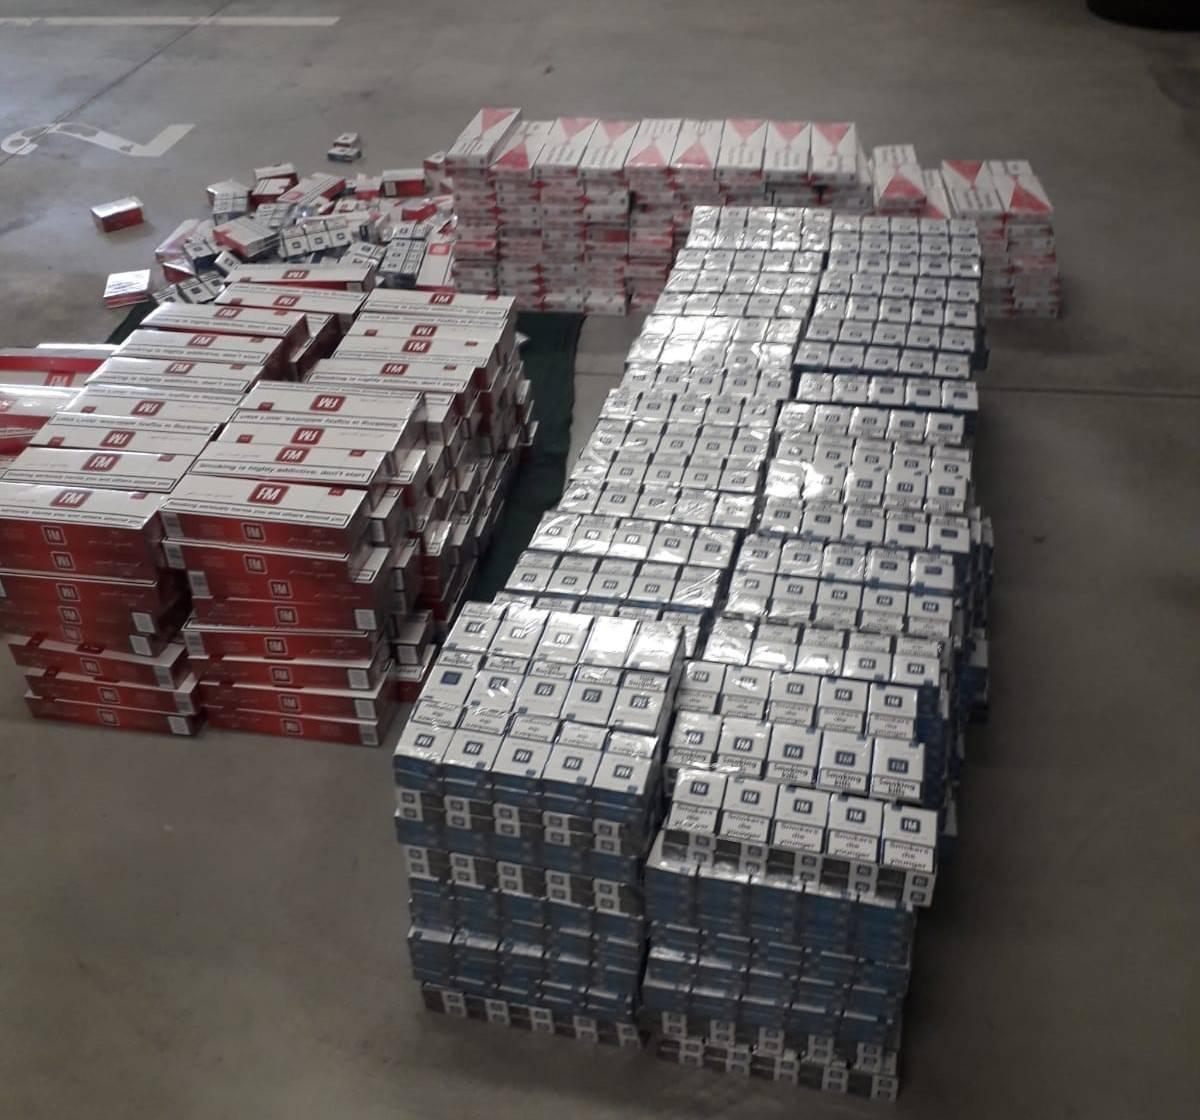 Ulovili ga na autocesti: U autu švercao 6500 kutija cigareta